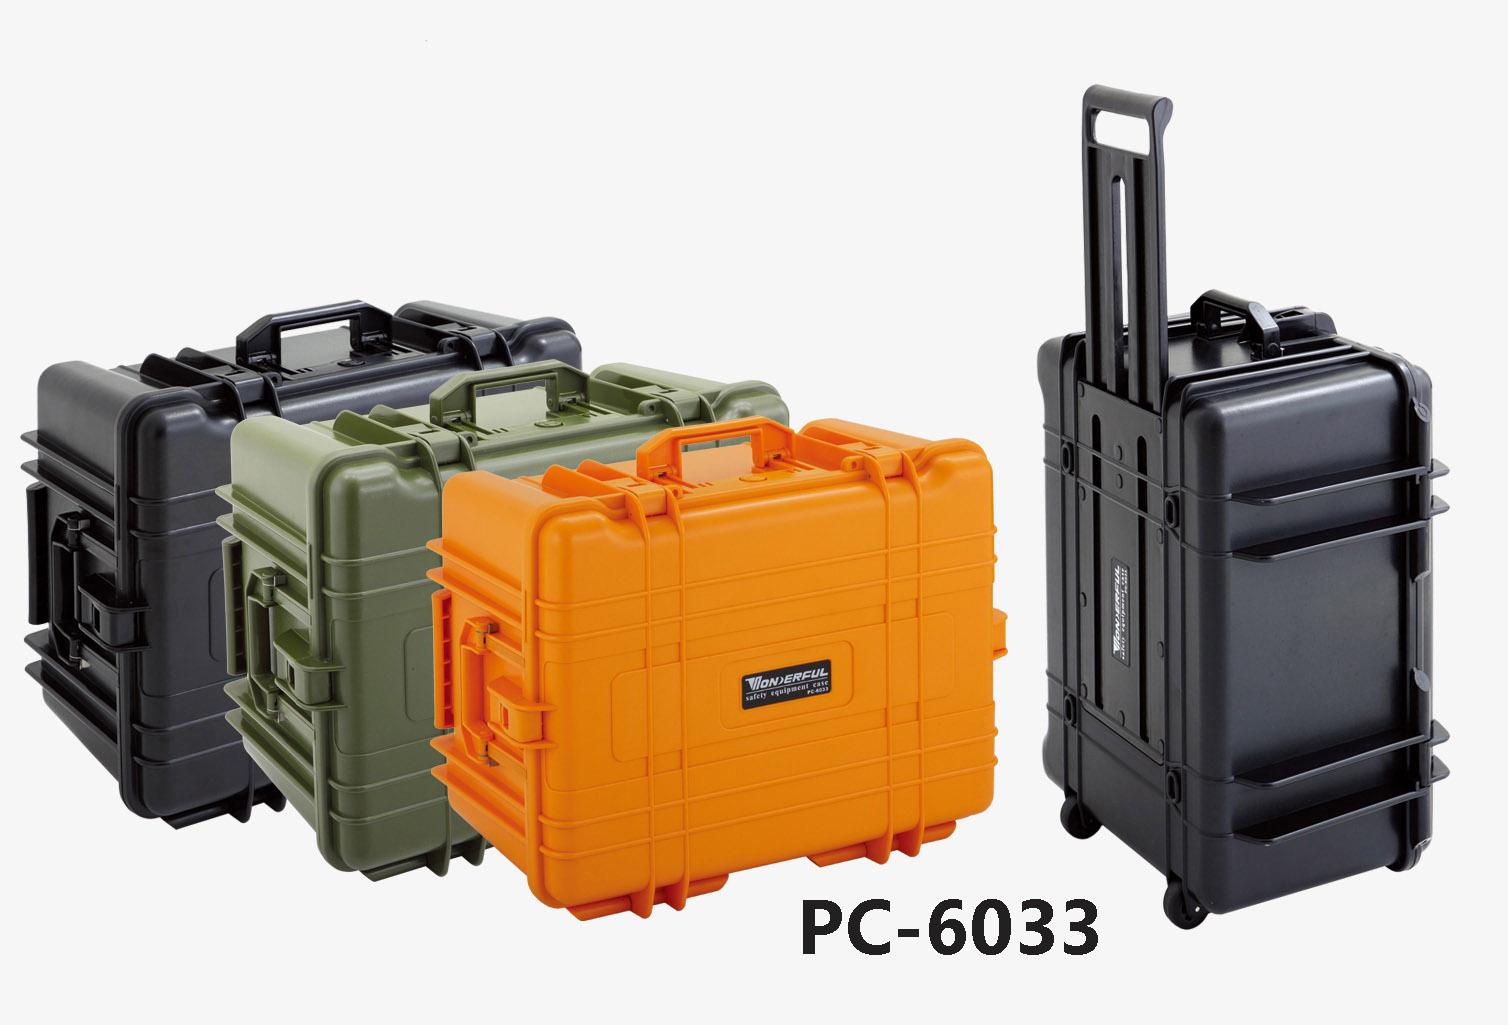 PC-6033安全拉杆箱